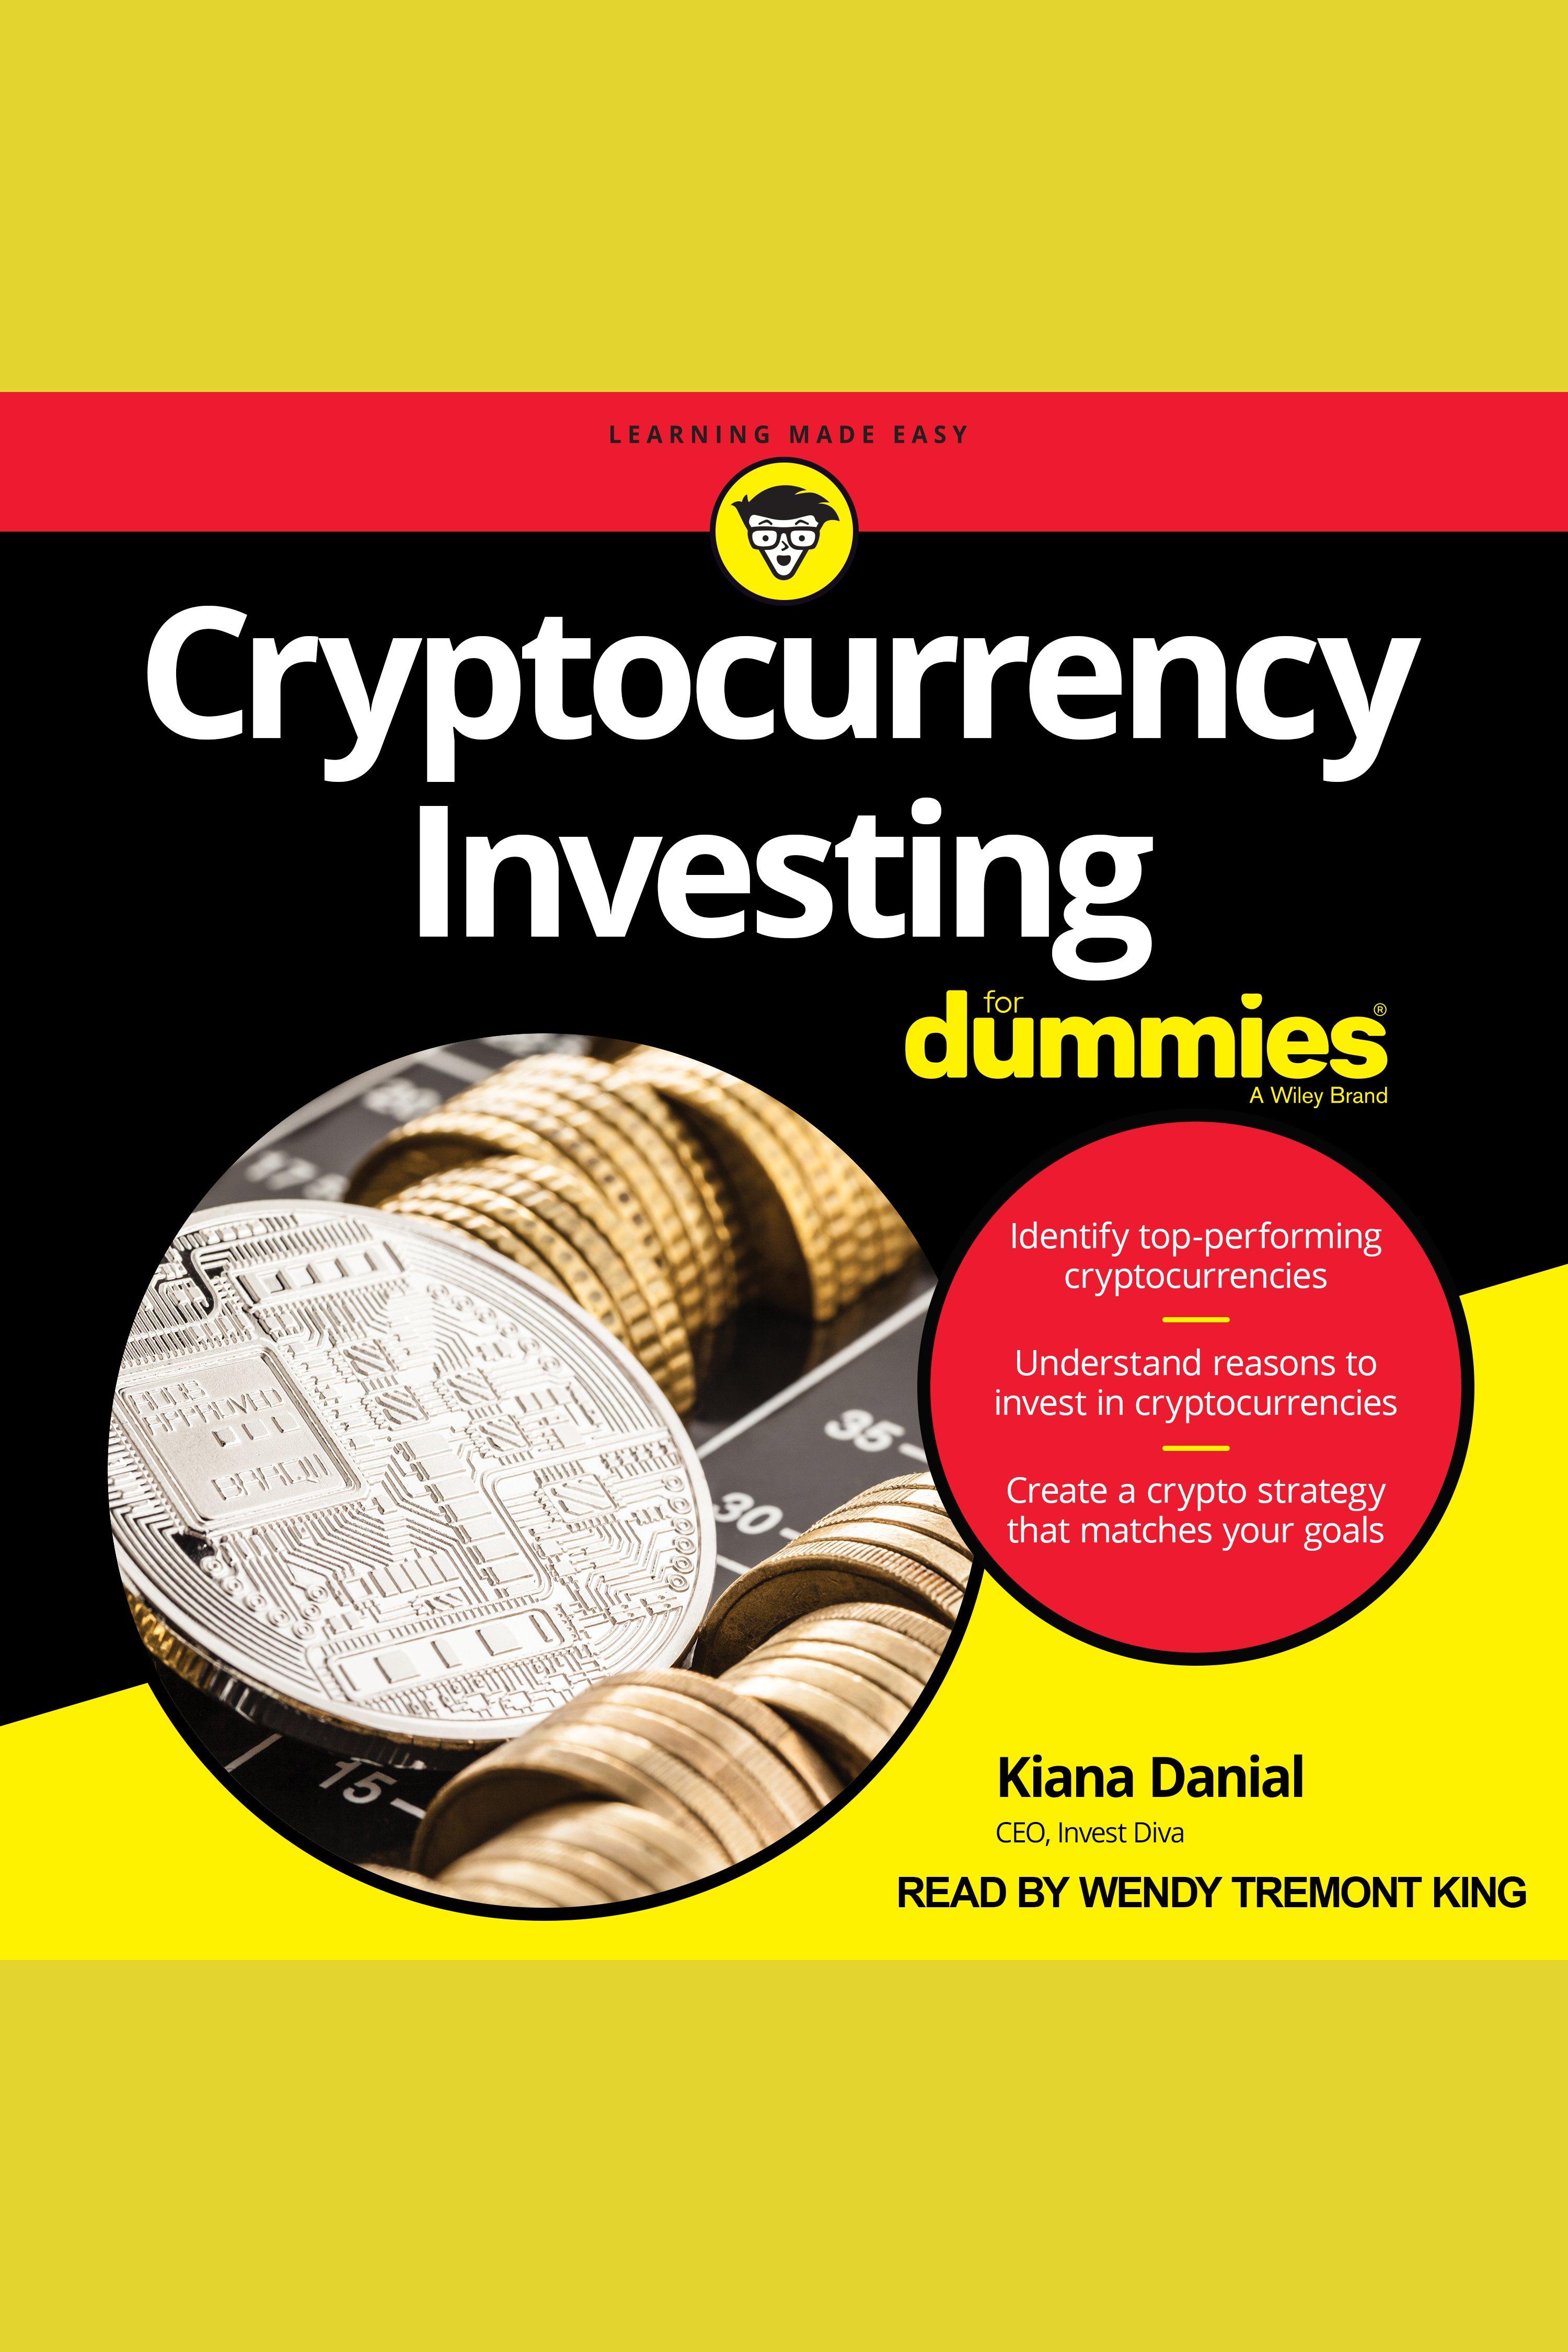 Esta es la portada del audiolibro Cryptocurrency Investing For Dummies